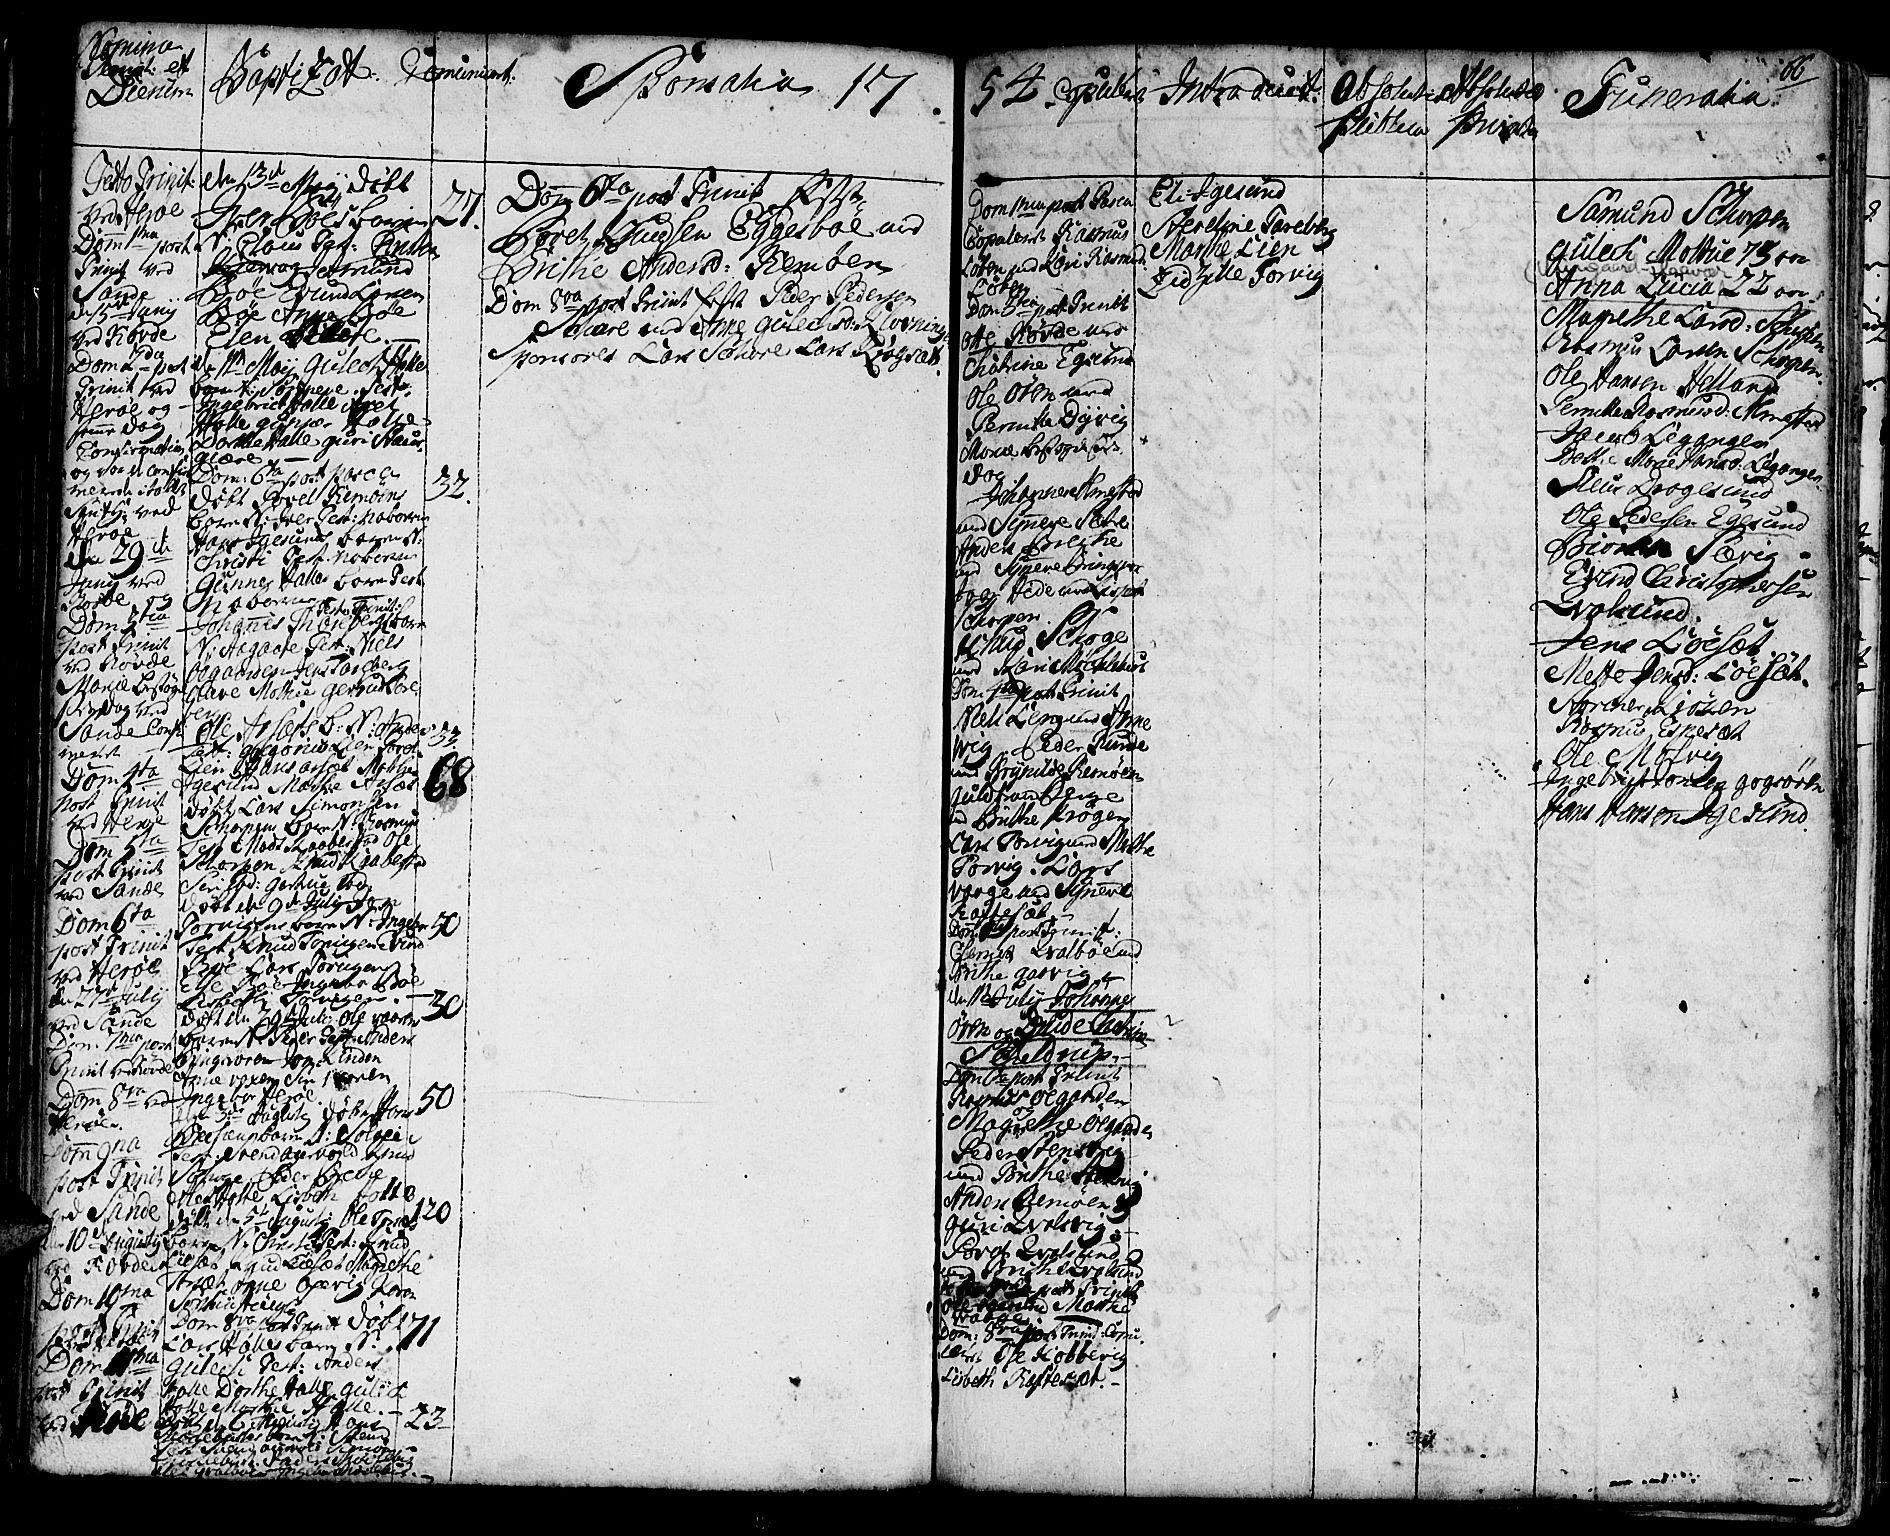 SAT, Ministerialprotokoller, klokkerbøker og fødselsregistre - Møre og Romsdal, 507/L0066: Ministerialbok nr. 507A01, 1731-1766, s. 66